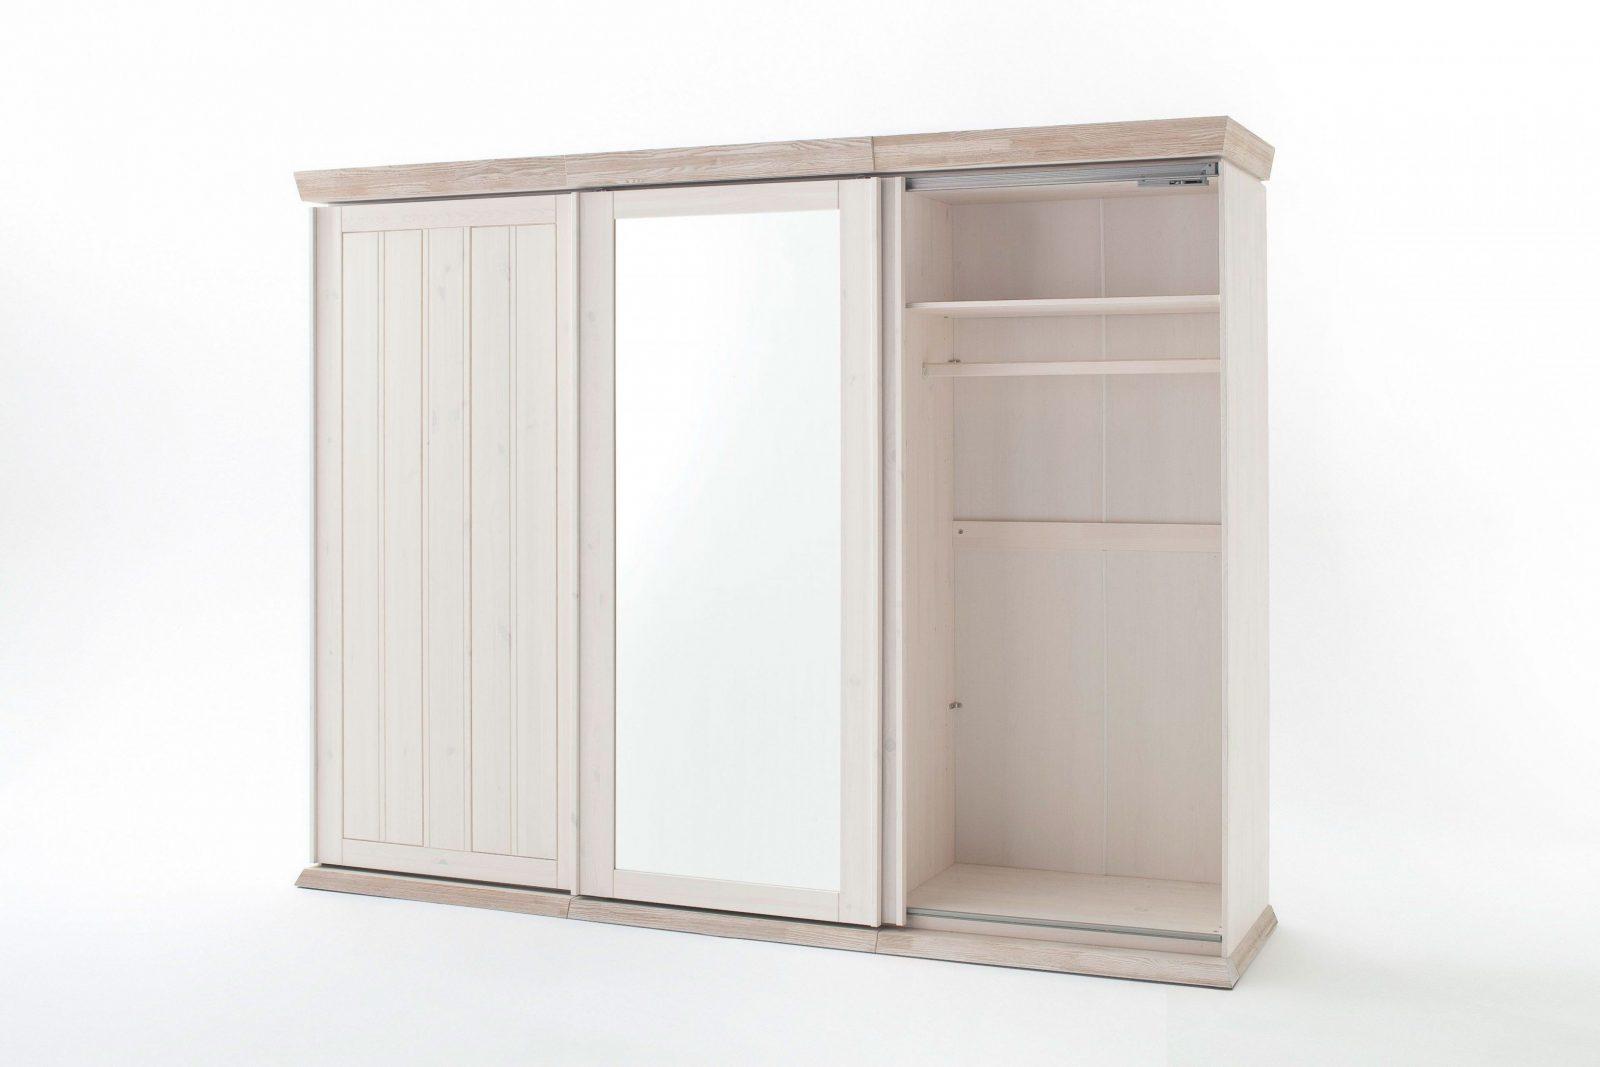 Feinste Kleiderschrank 90 Cm Breit Kleiderschränke von Ikea Schrank 90 Cm Breit Photo